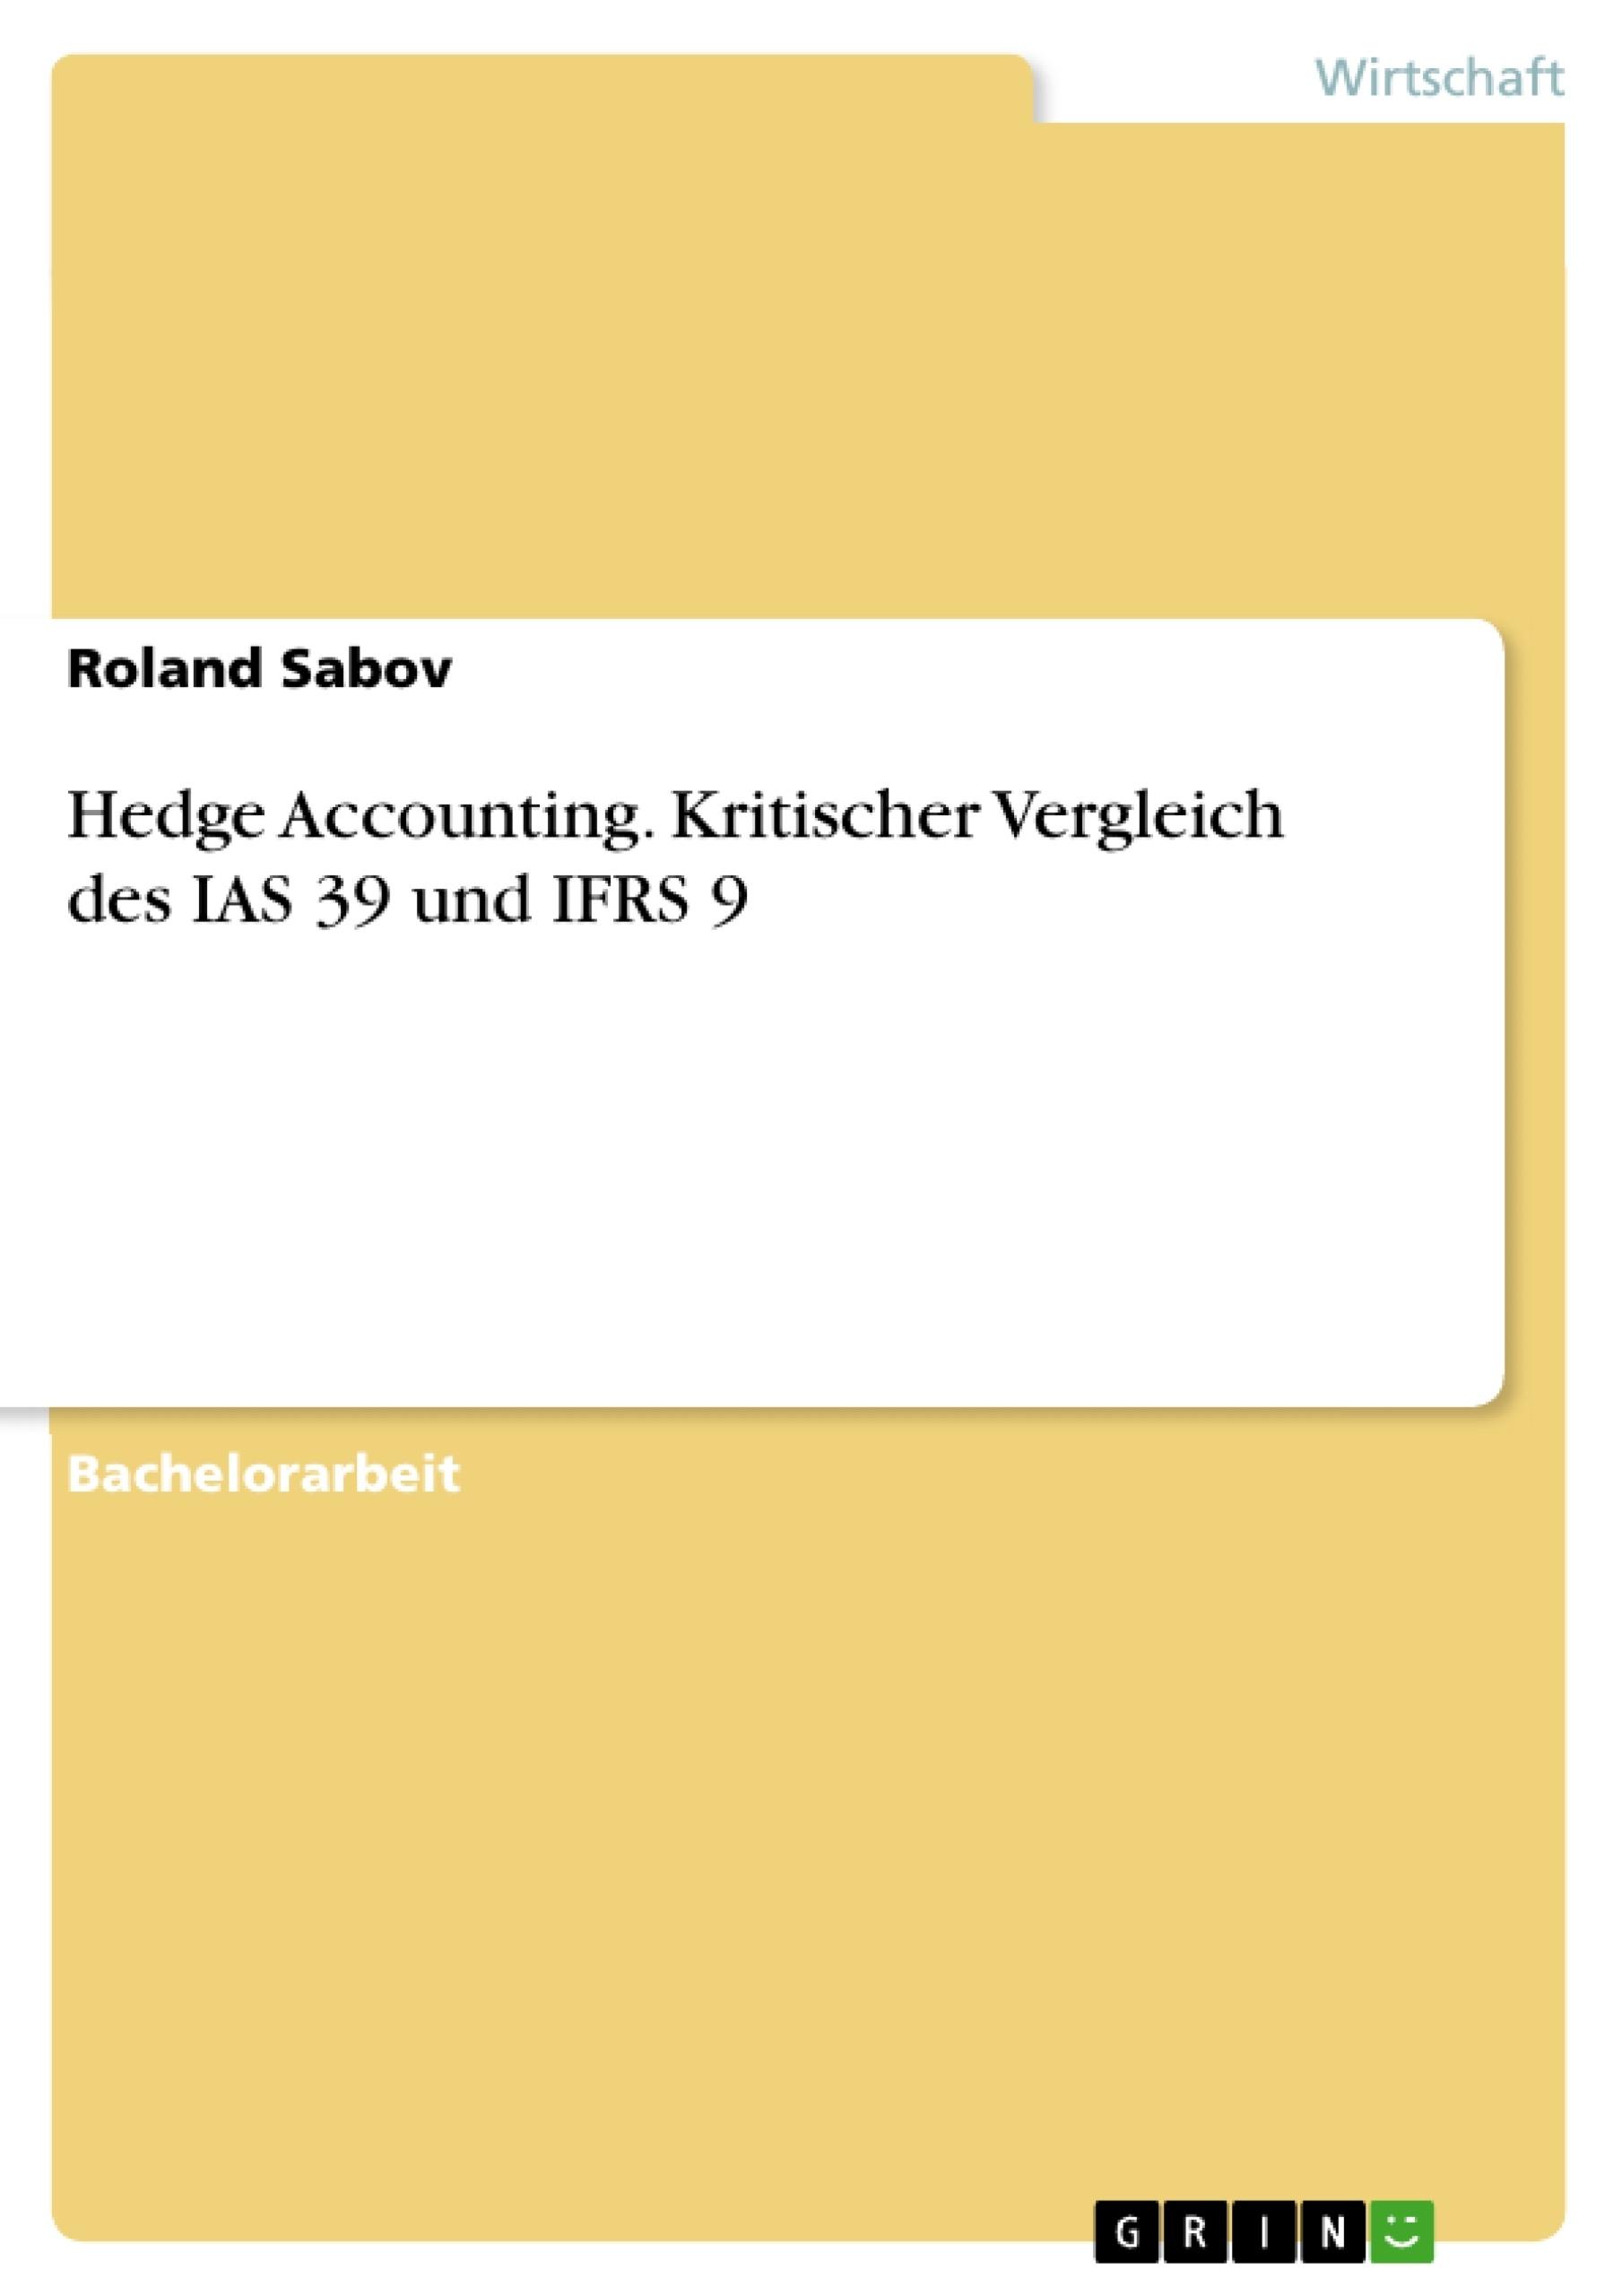 Titel: Hedge Accounting. Kritischer Vergleich des IAS 39 und IFRS 9